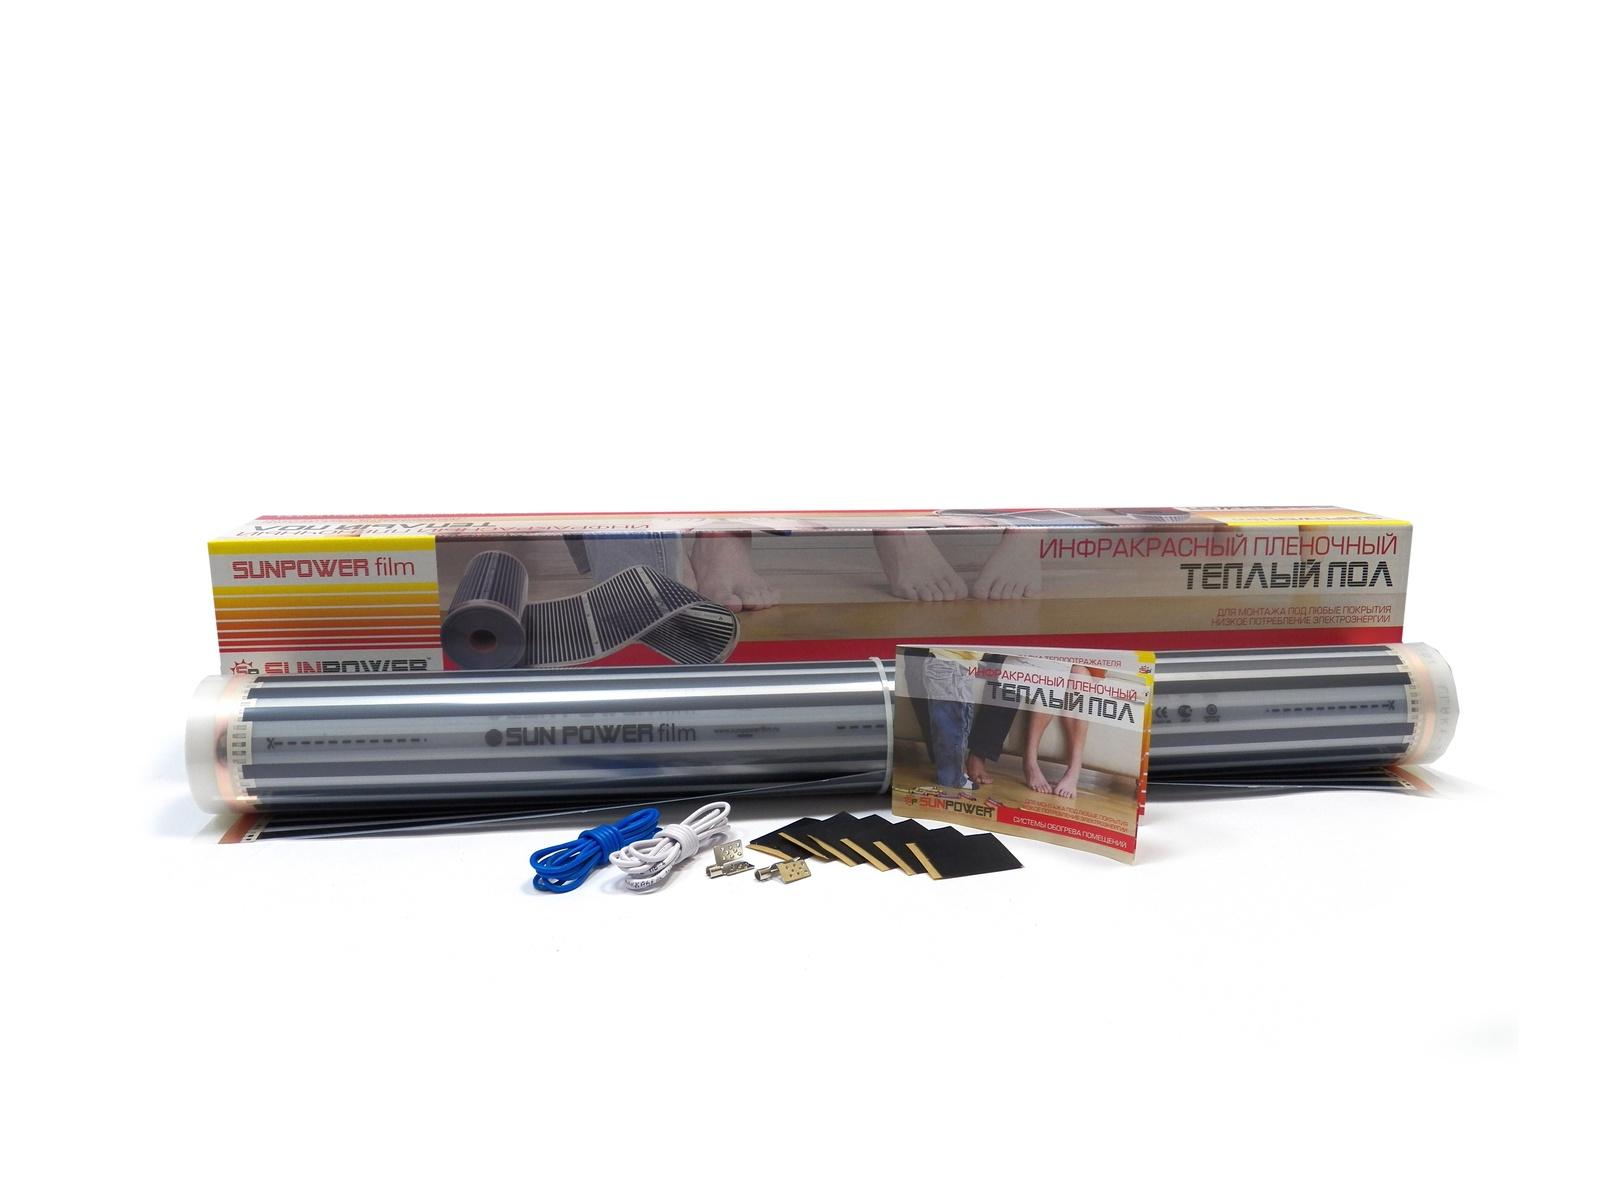 все цены на Комплект теплого пола SunPower SPF 80/220/3, инфракрасный, пленочный, 220Вт, 80 см, 3 м онлайн